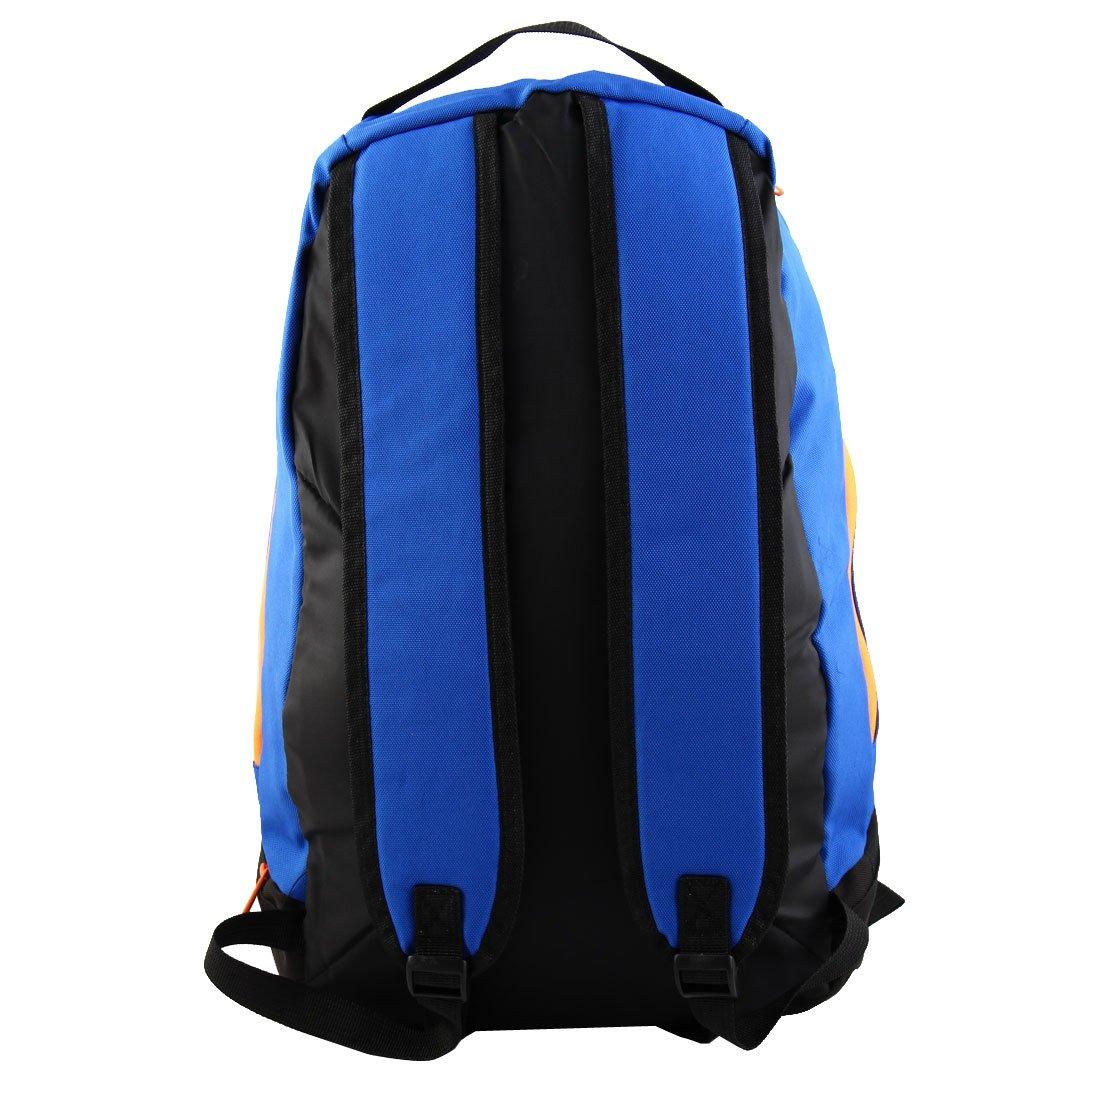 sourcing map Mochila Escolar Bolsa De Deporte Al Aire Libre para Viaje De Senderismo Ciclismo Bicicleta Paquete Azul Negro: Amazon.es: Deportes y aire libre